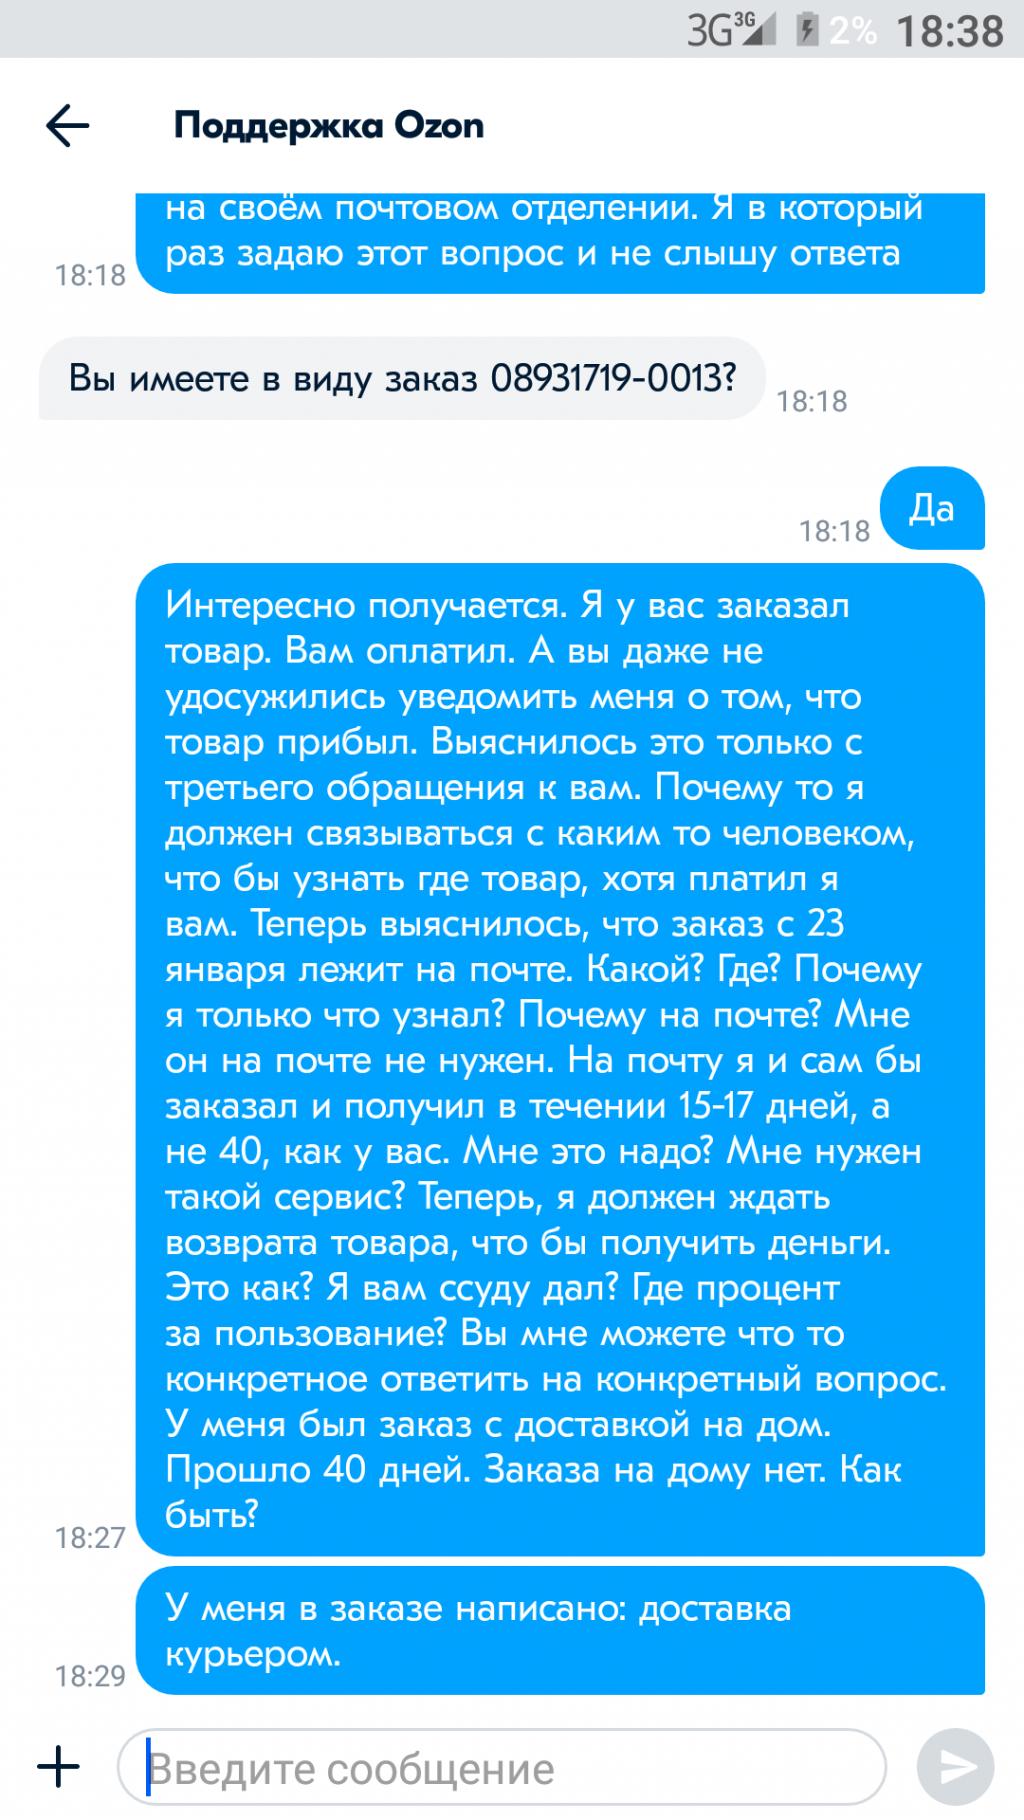 OZON.ru - Никогда больше не подойду к Озон. Мрак. Развод.